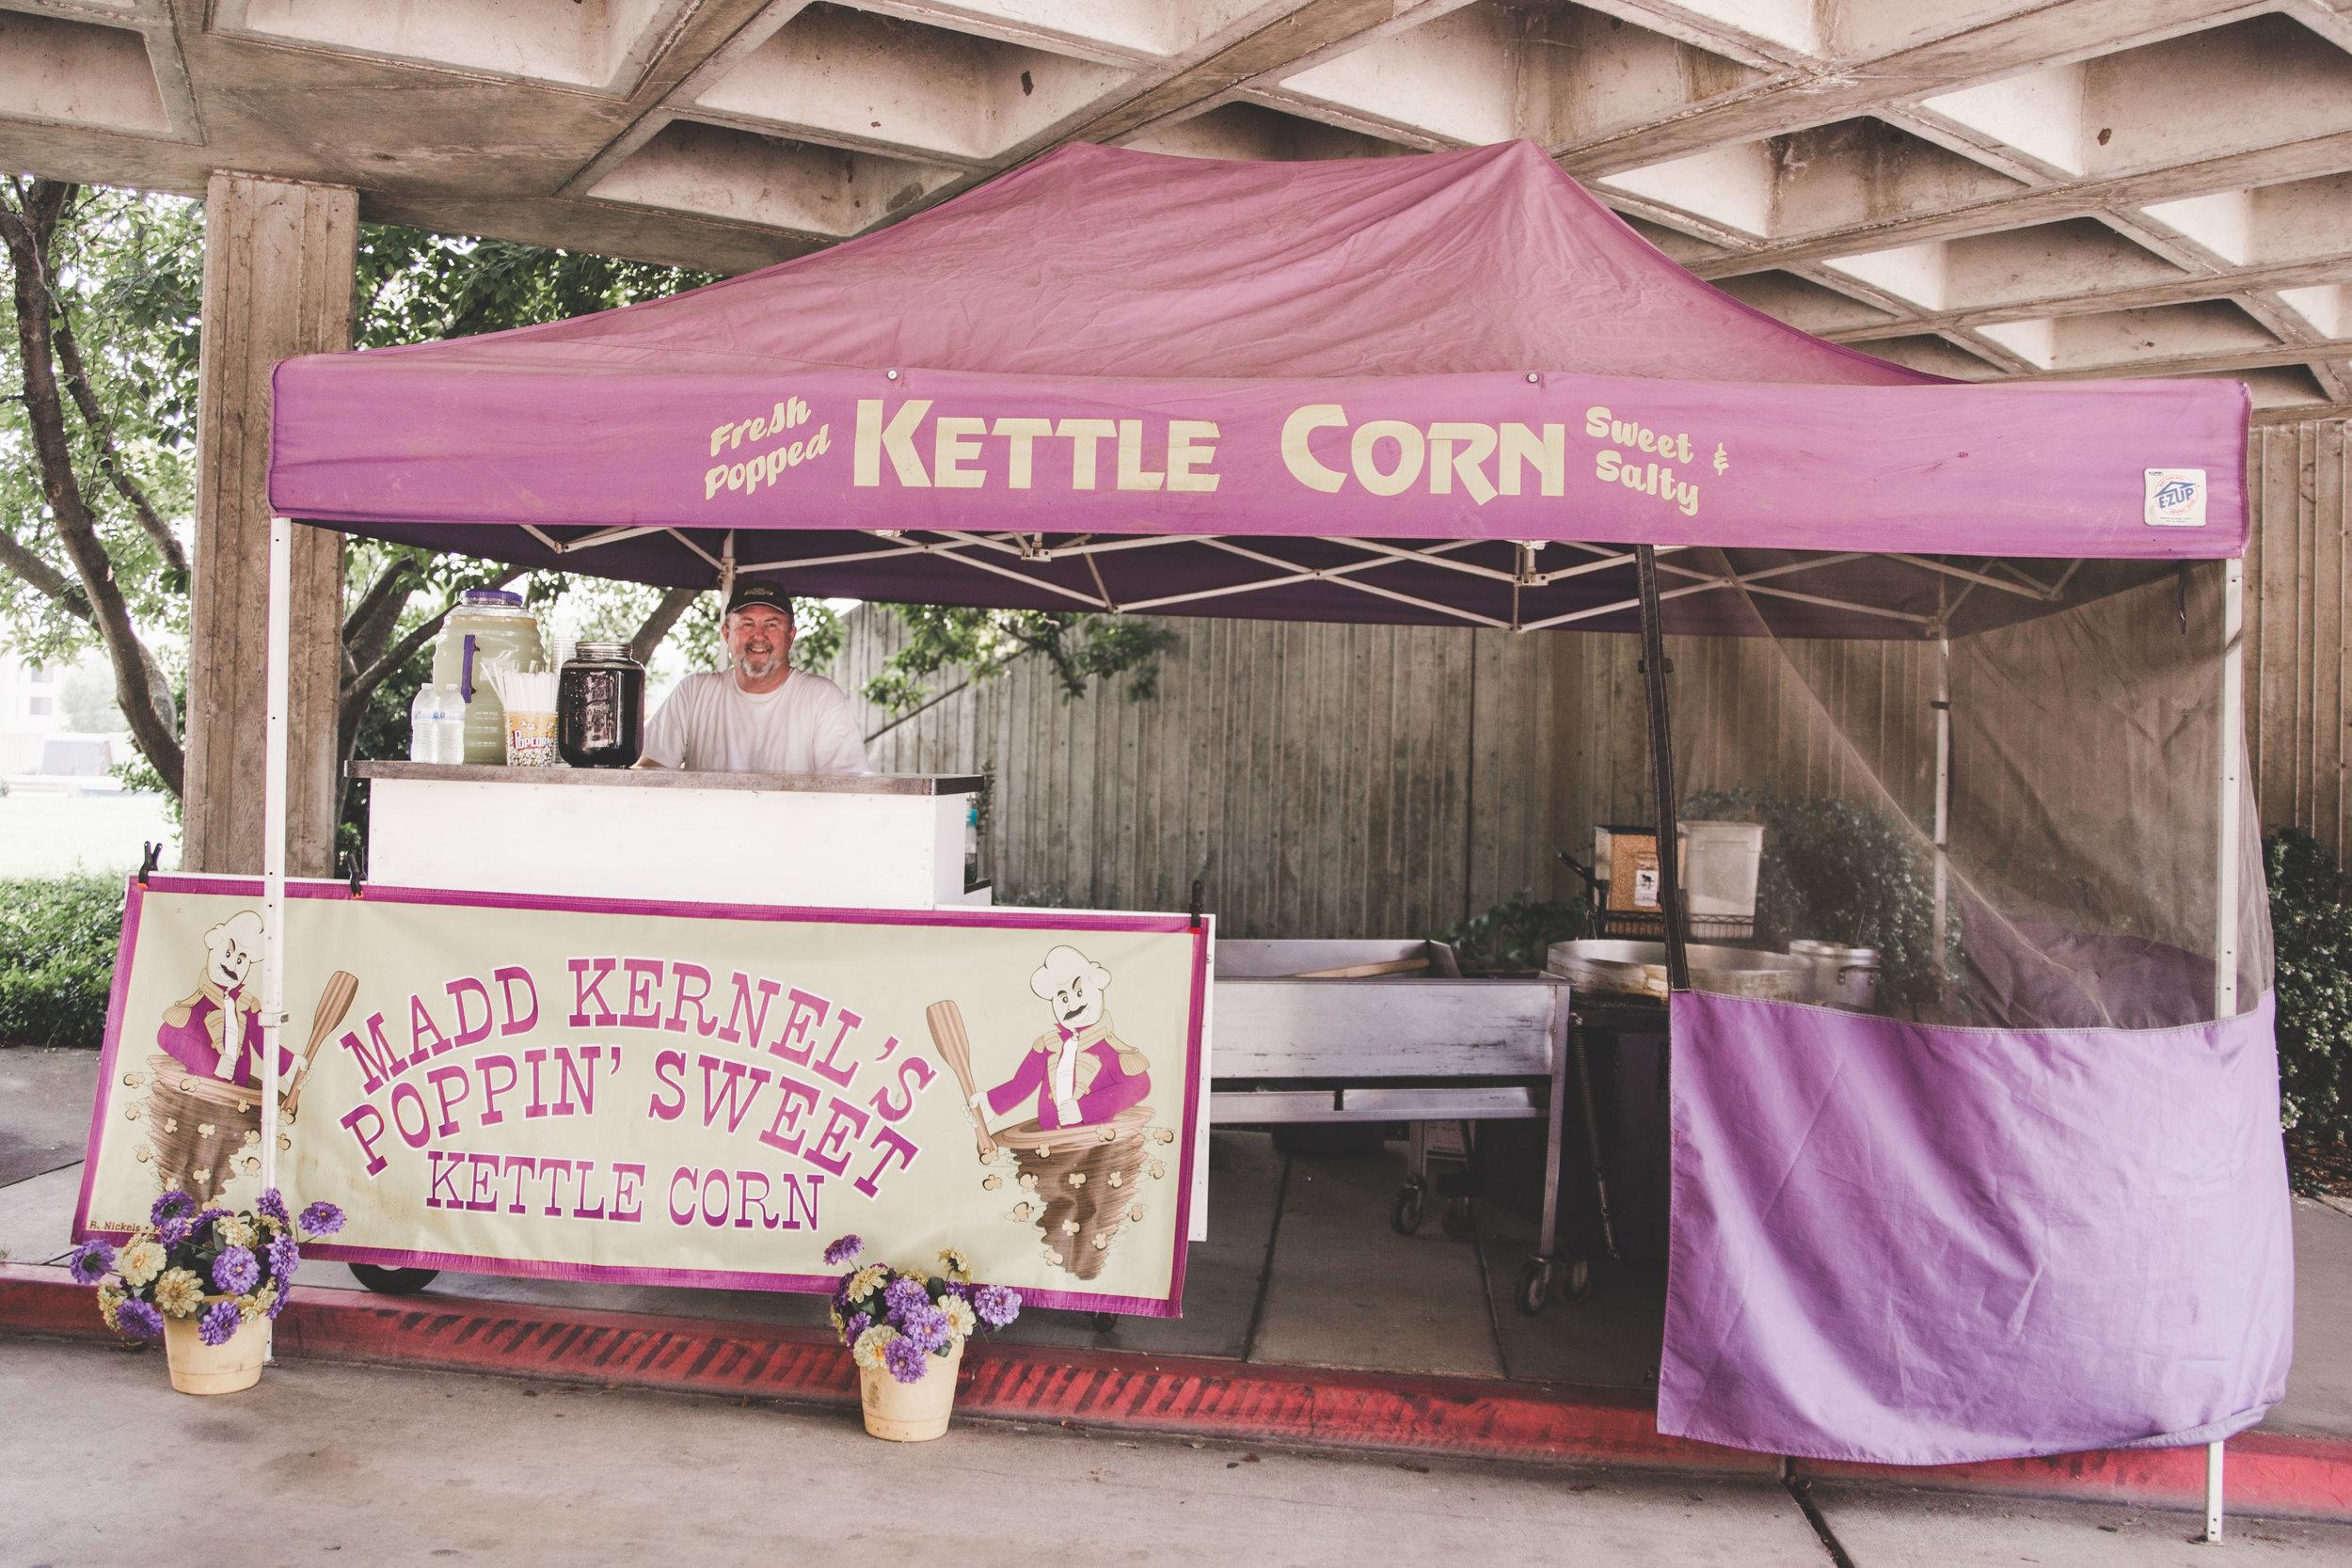 Madd Kernel's Poppin' Sweet Kettle Corn